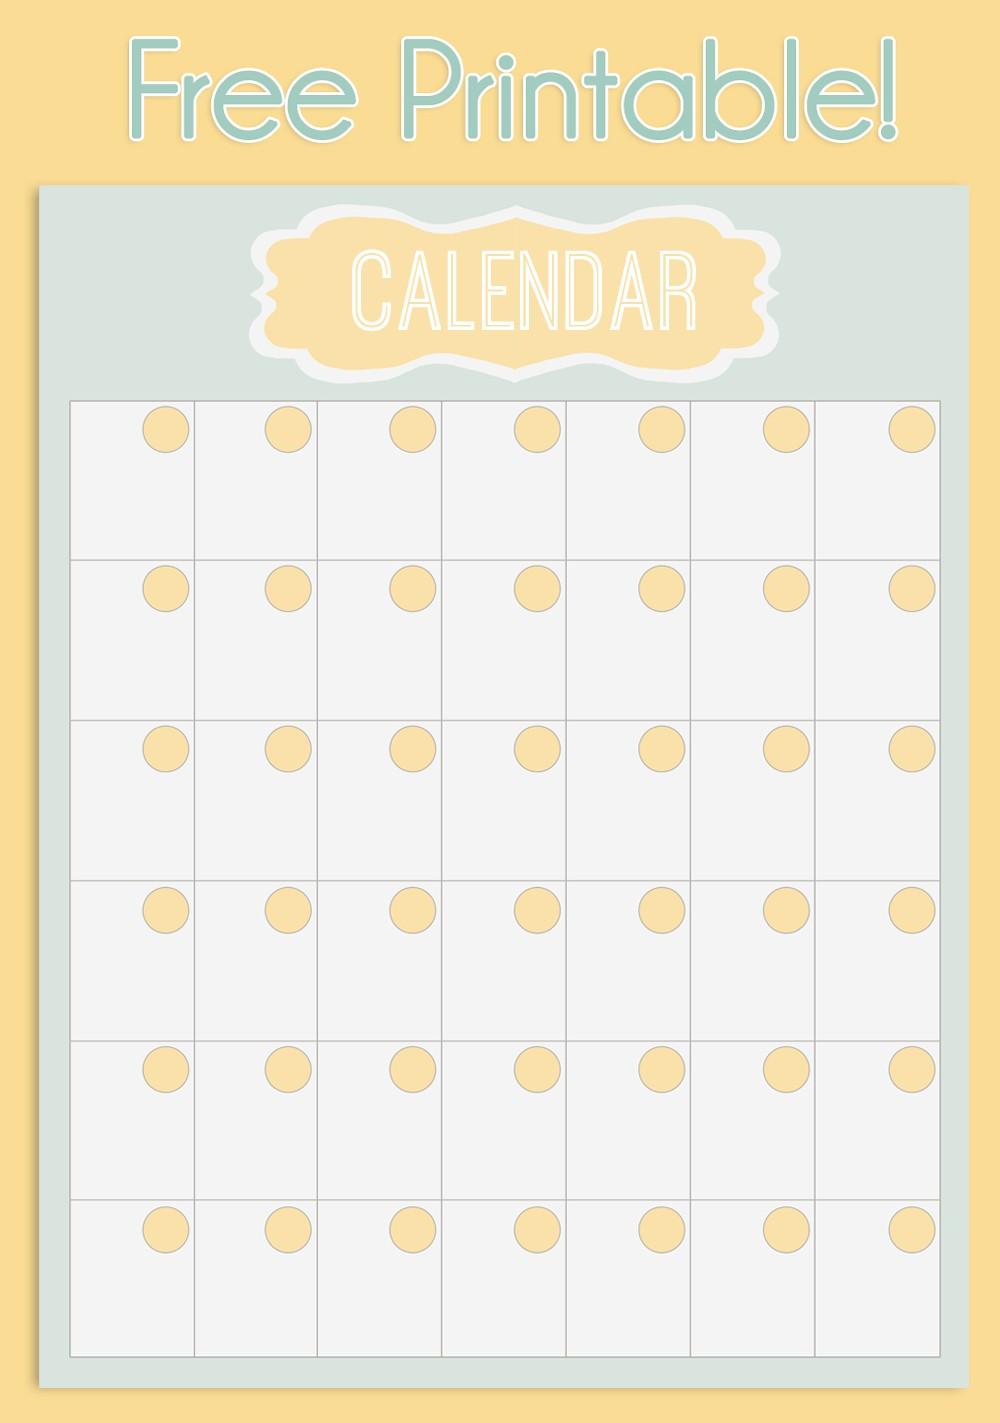 Printable Planner Calendar Free Printable Weekly Meal Planner Calendar